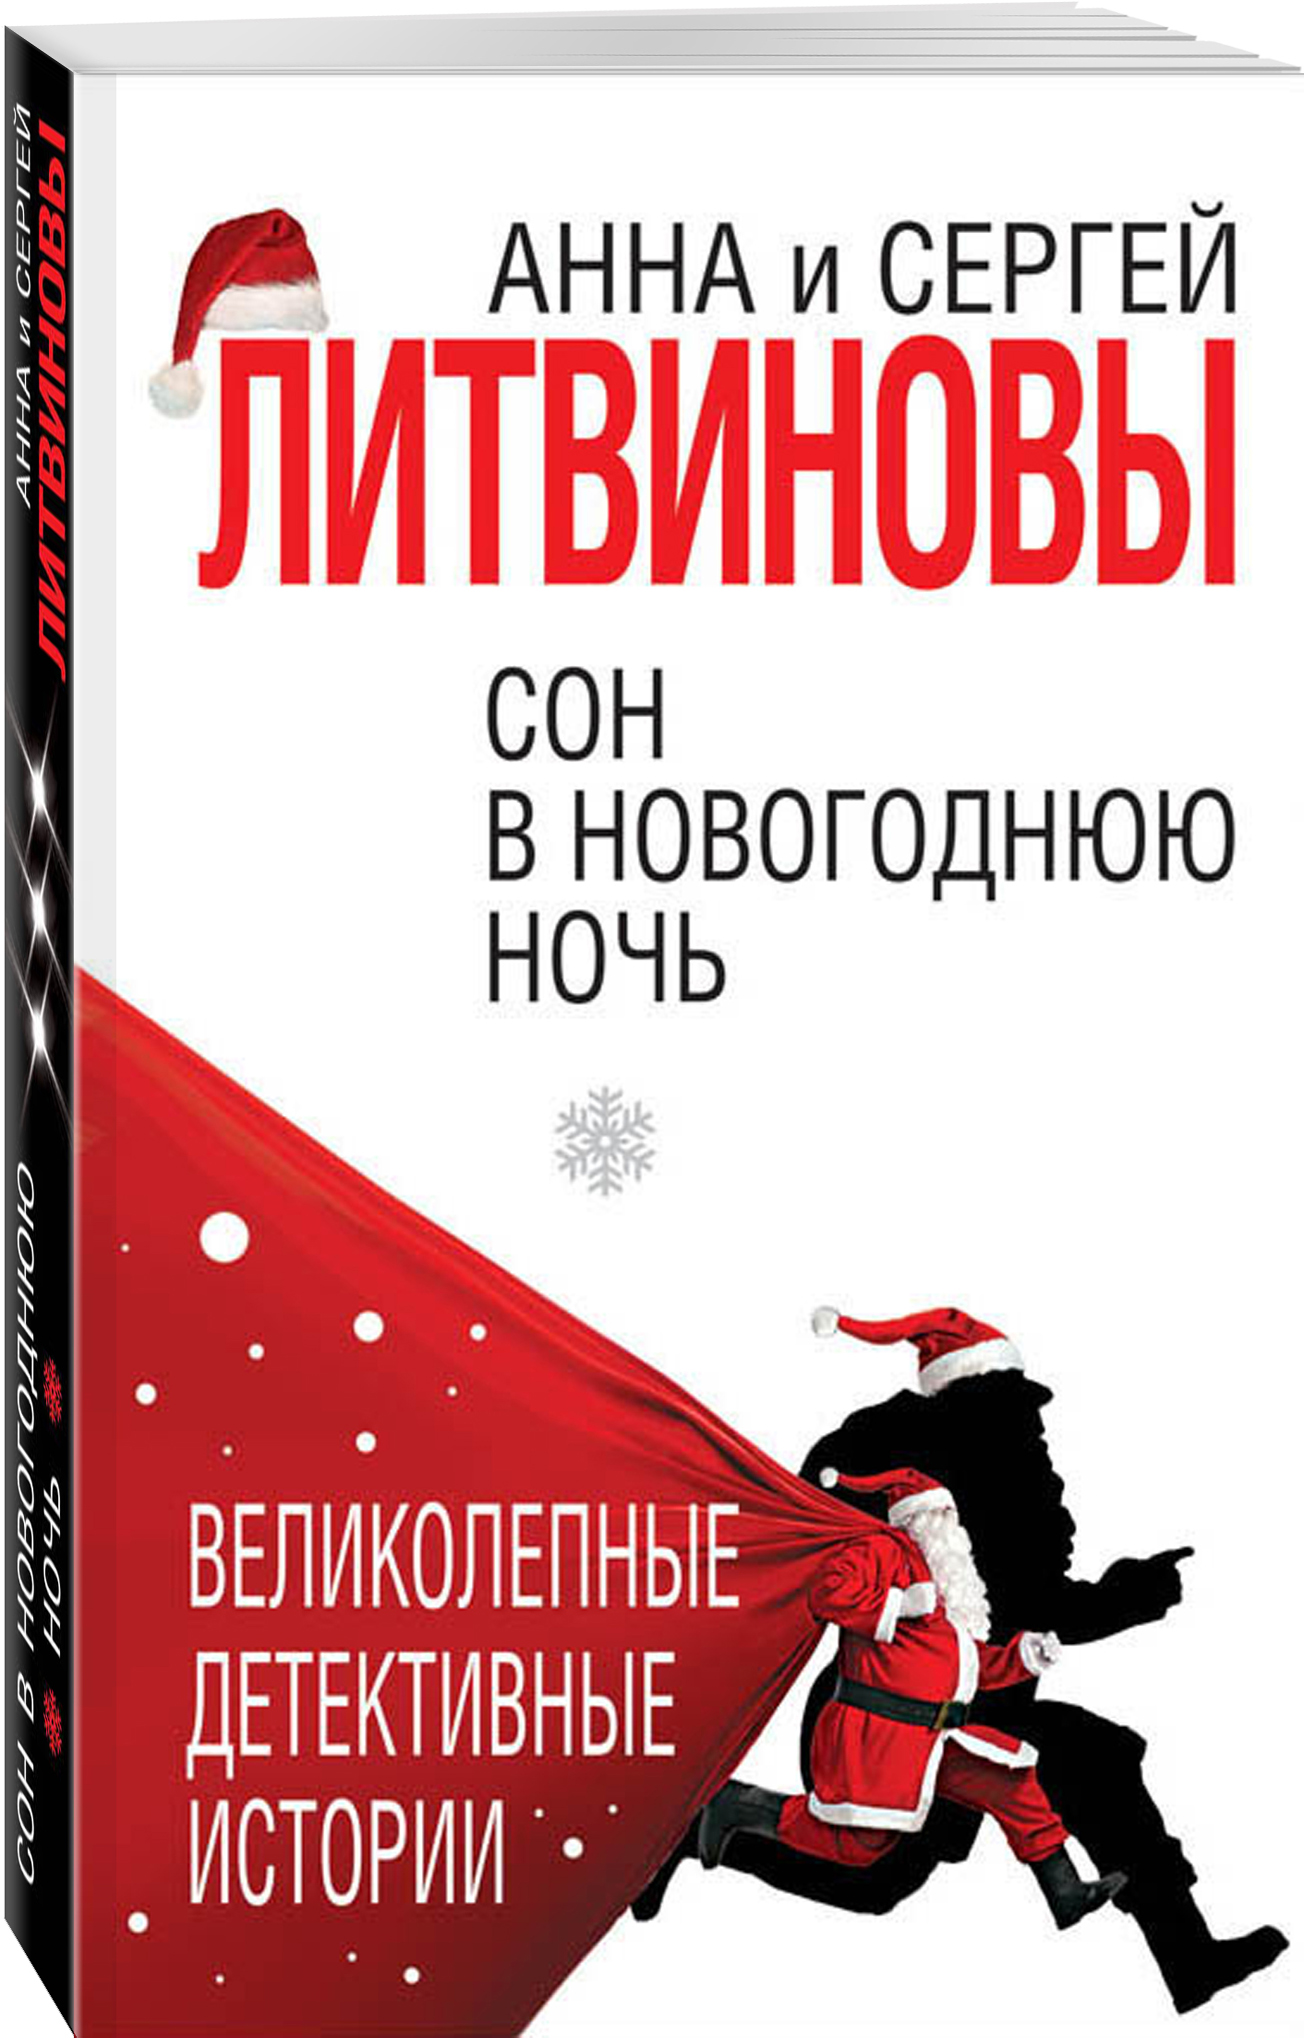 Анна и Сергей Литвиновы Сон в новогоднюю ночь анна и сергей литвиновы та самая татьяна сборник